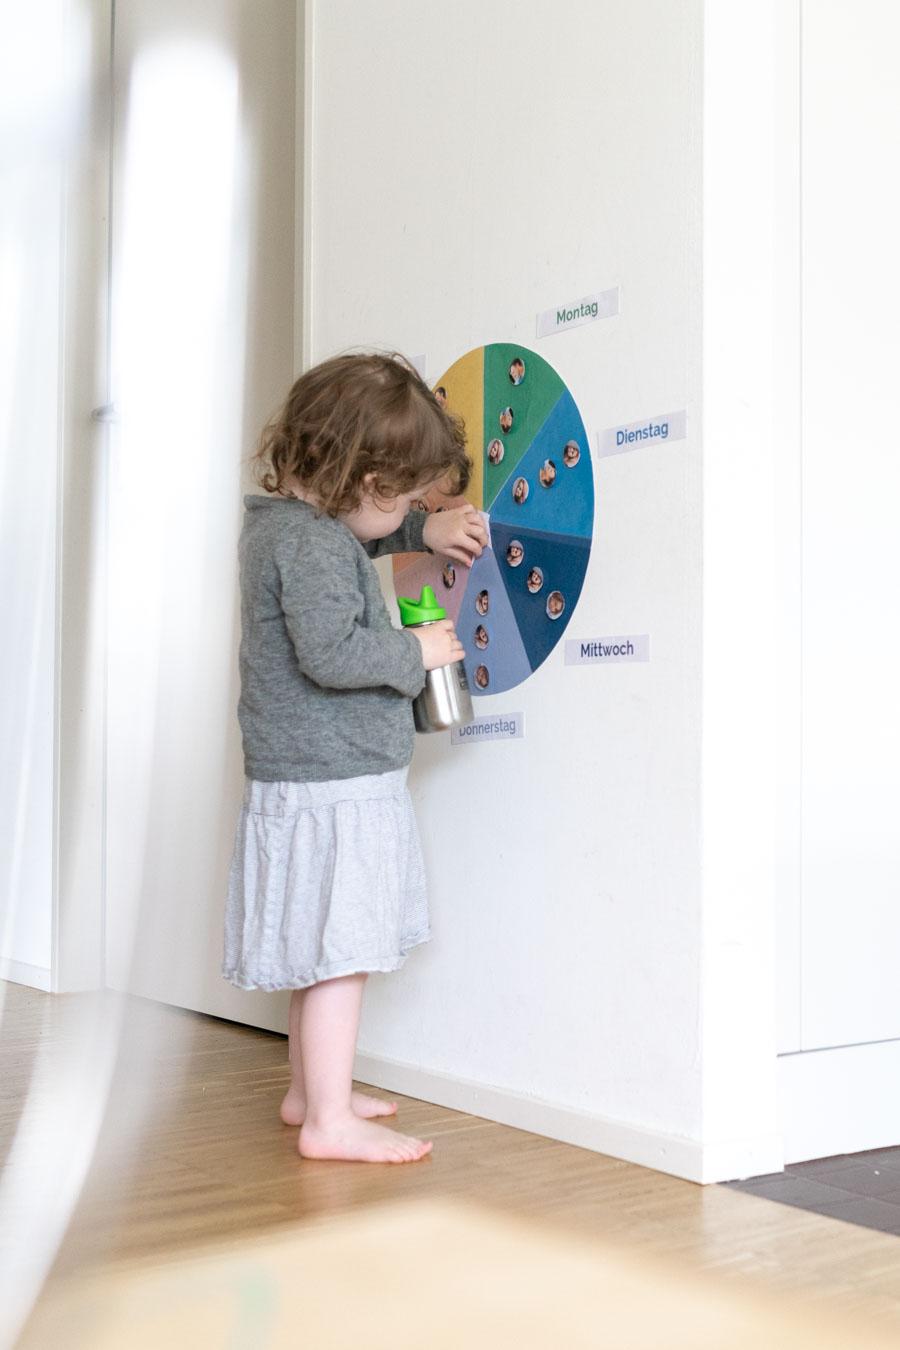 Ein Kleinkind sieht sich einen Wochenplan an